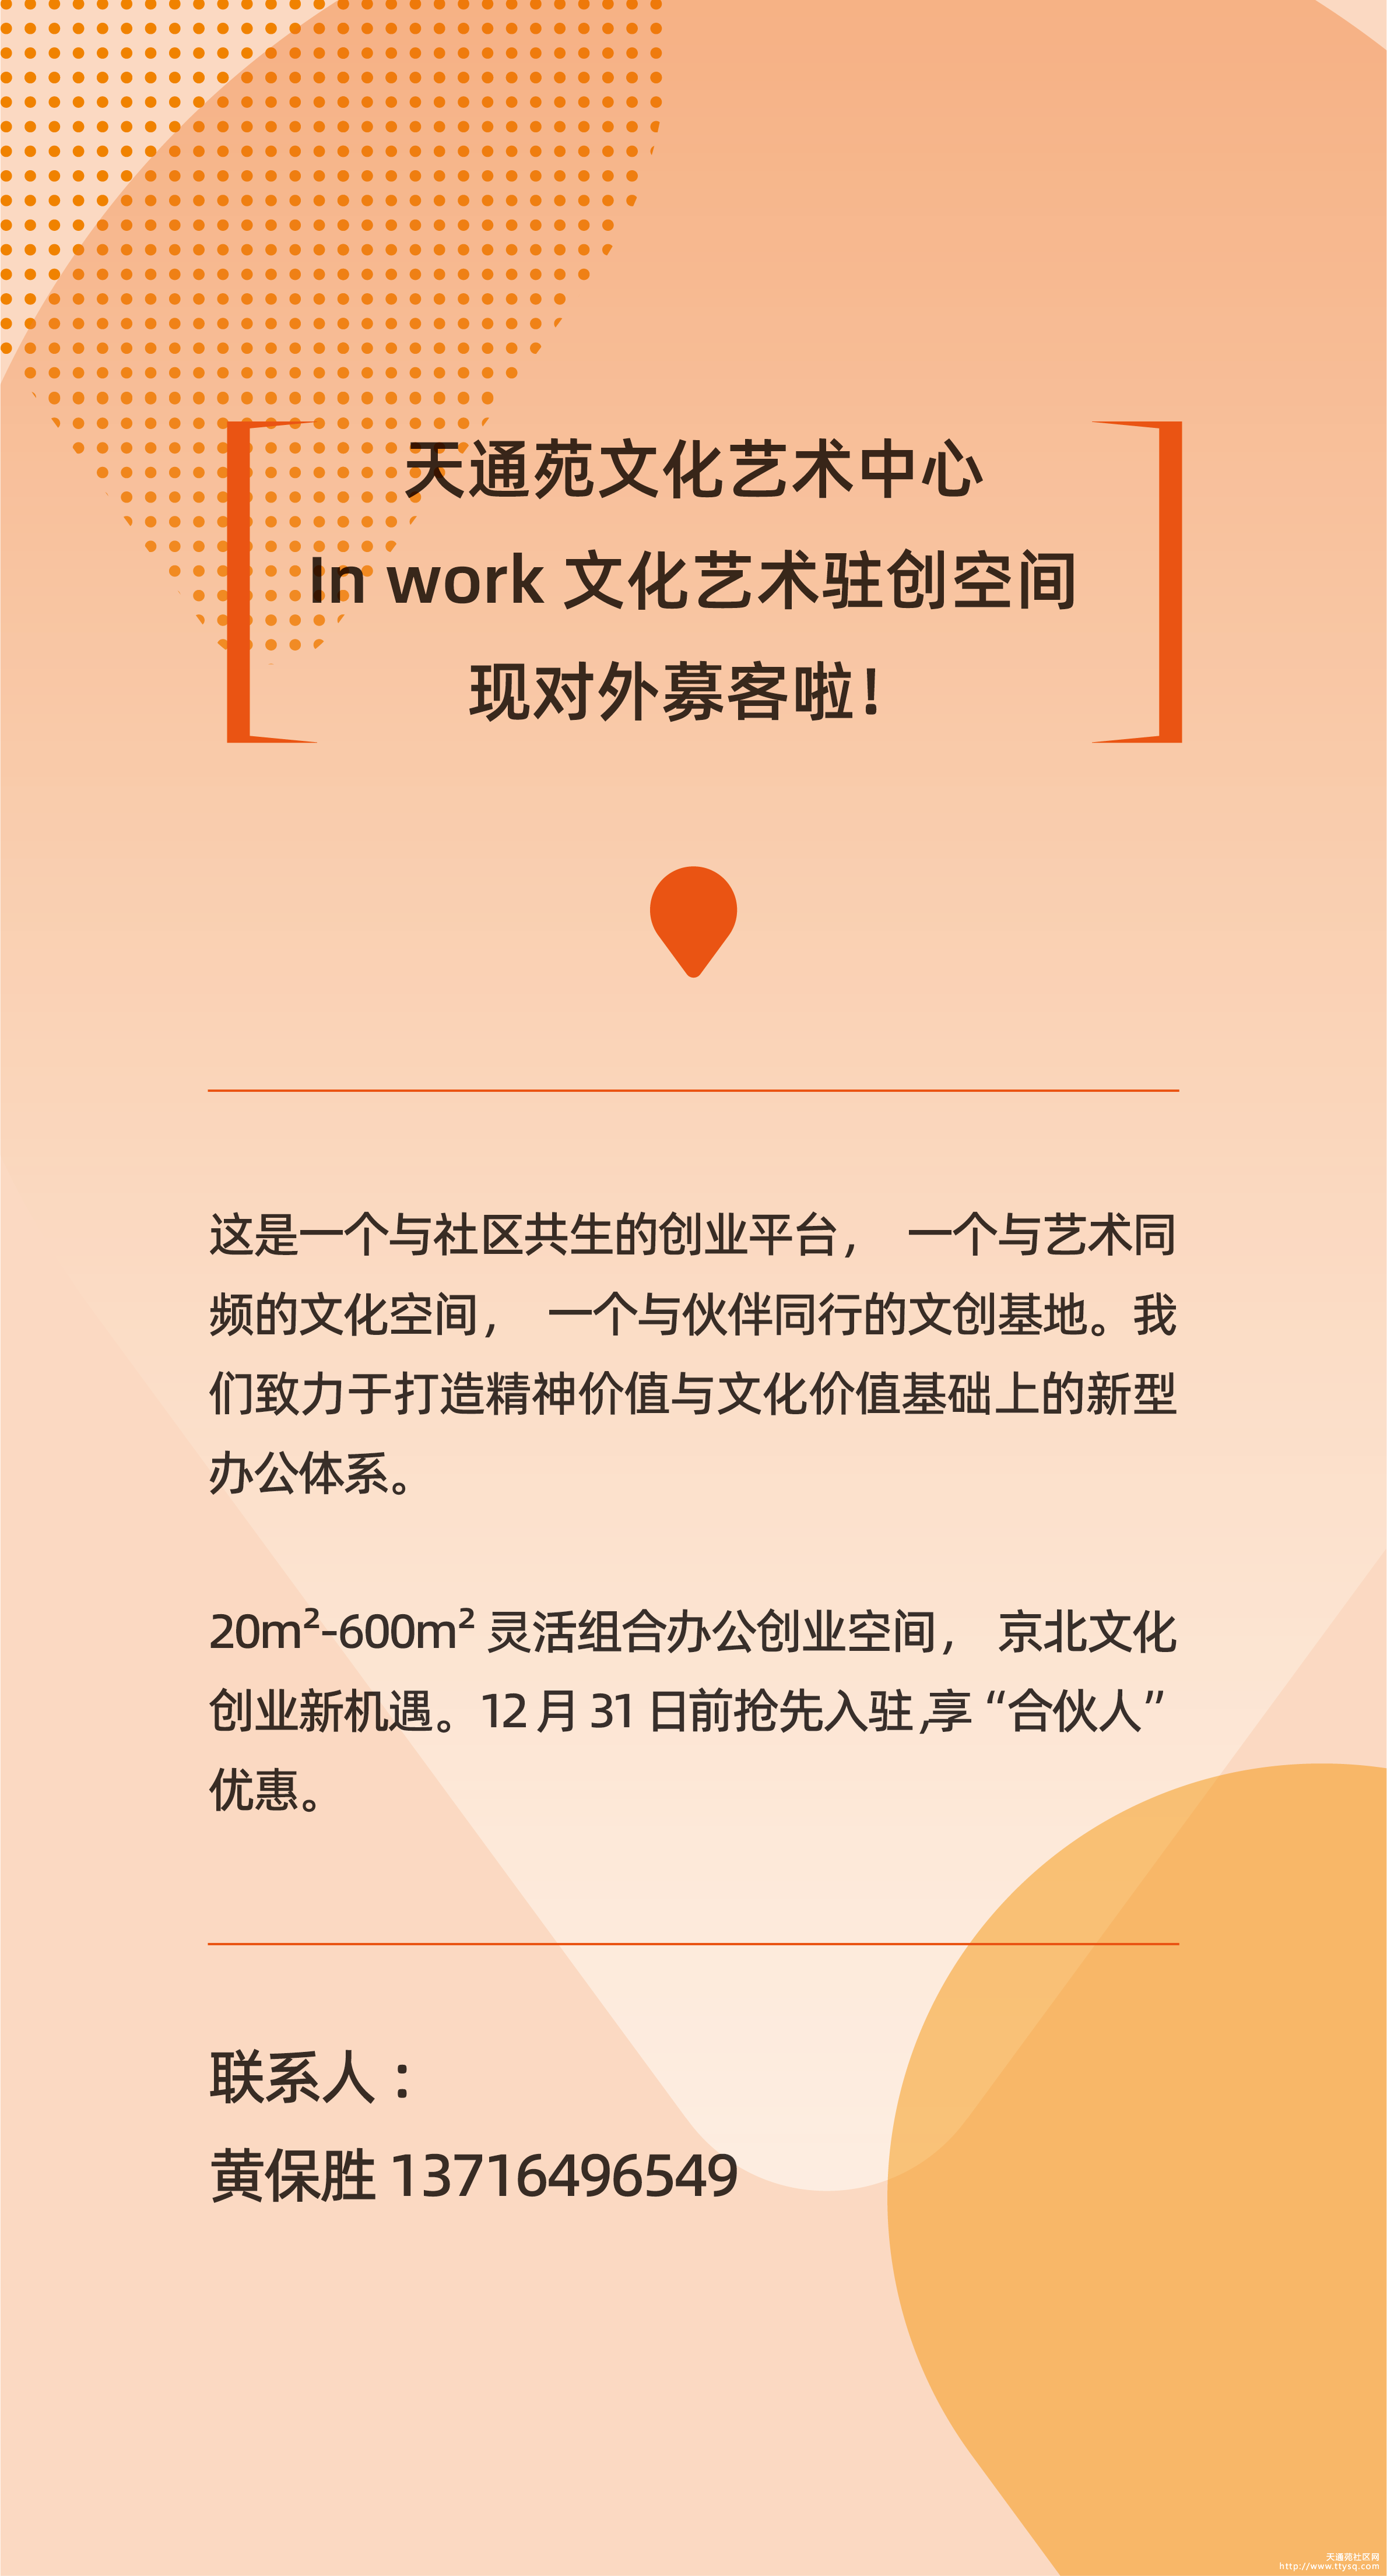 """疫情防控通知 天通苑文化艺术中心启动""""预约入馆""""工作"""